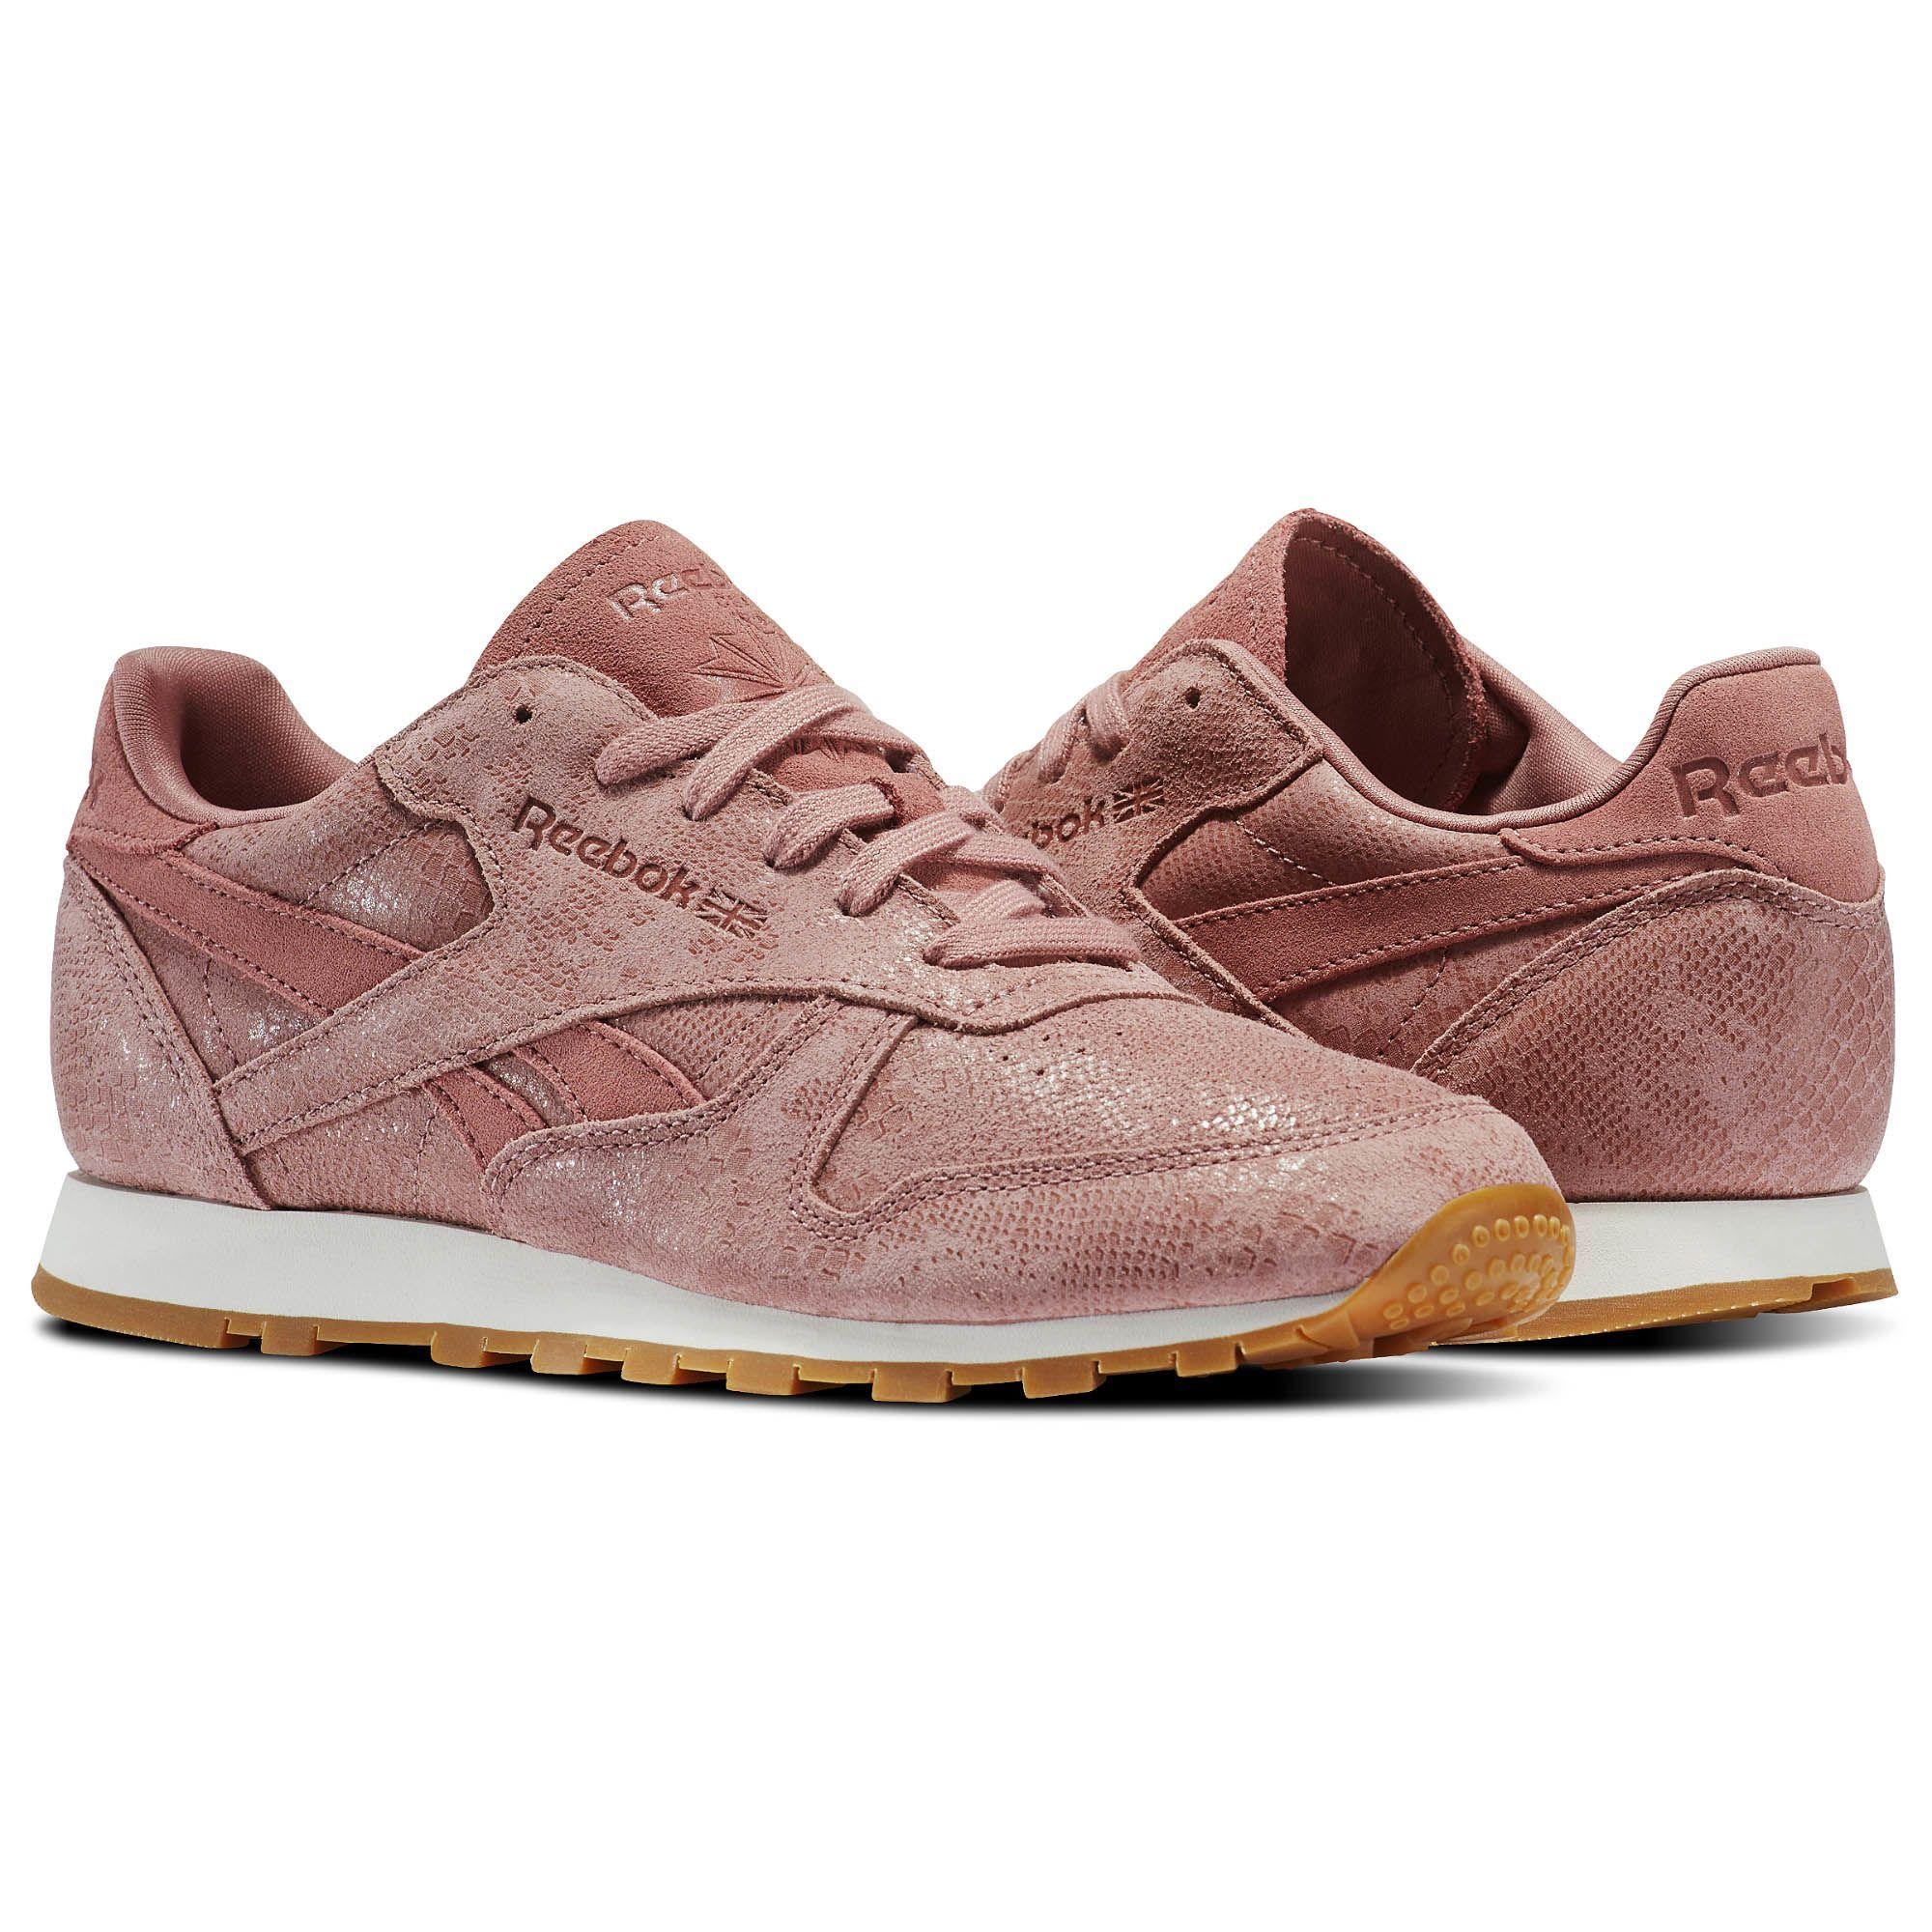 dispersión el estudio Montañas climáticas  zapatillas reebok mujer rosas Hombre Mujer niños - Envío gratis y entrega  rápida, ¡Ahorros garantizados y stock permanente!